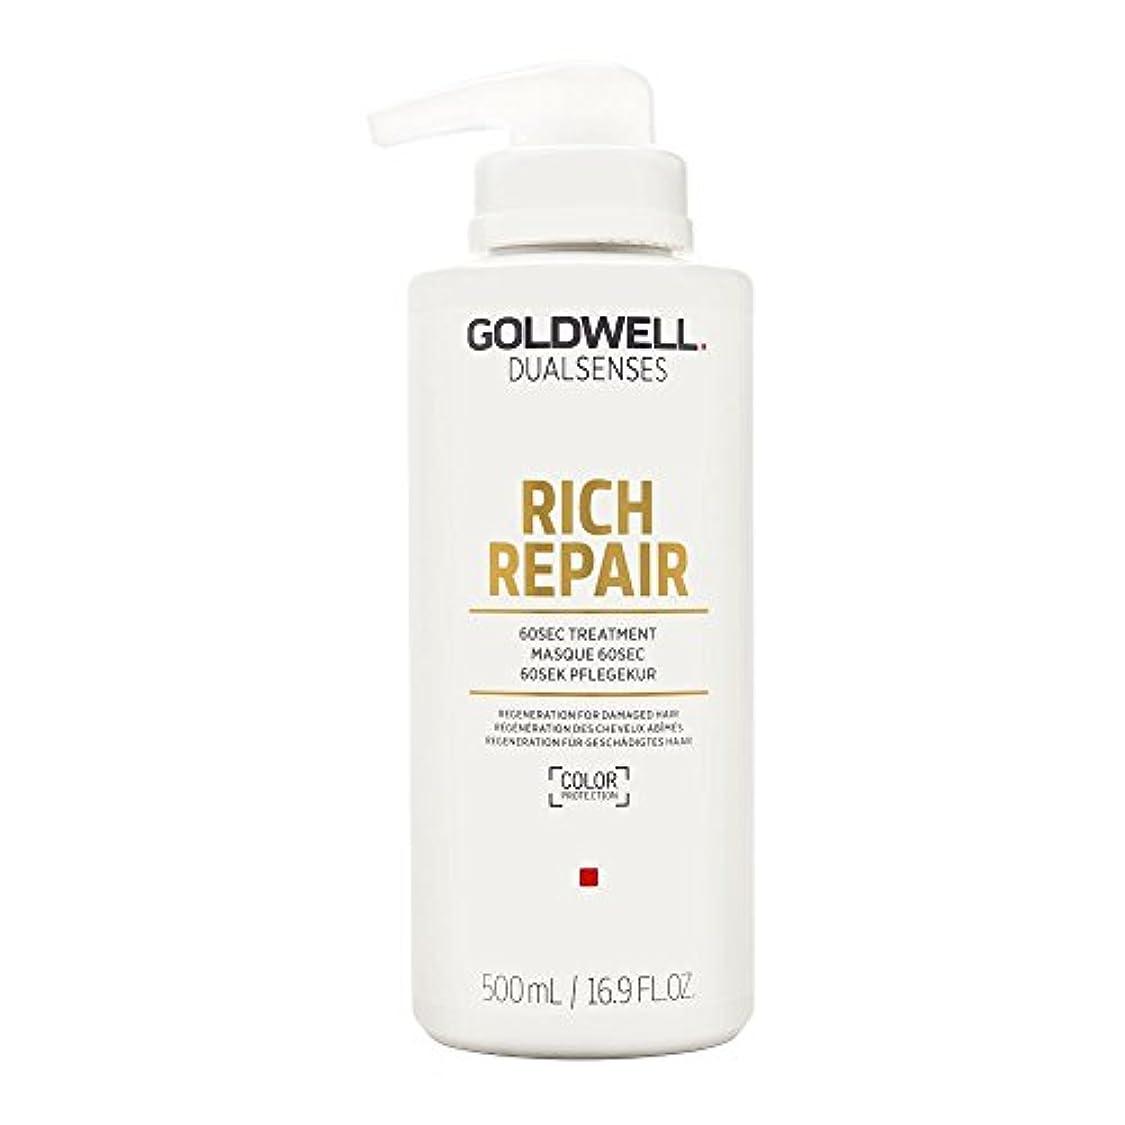 クリーム良い理由ゴールドウェル Dual Senses Rich Repair 60Sec Treatment (Regeneration For Damaged Hair) 500ml/16.9oz並行輸入品